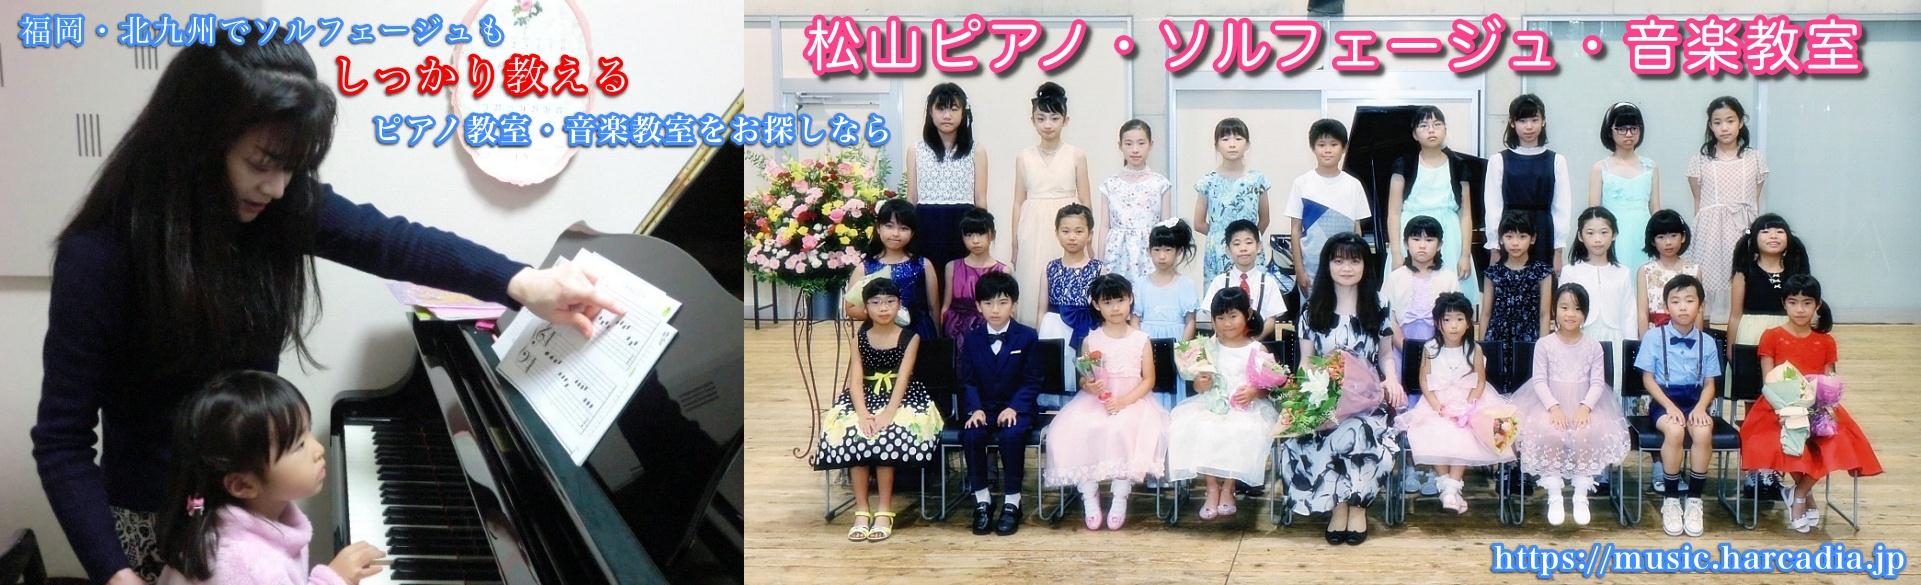 北九州市門司区のピアノ教室|松山ピアノ・ソルフェージュ・音楽教室